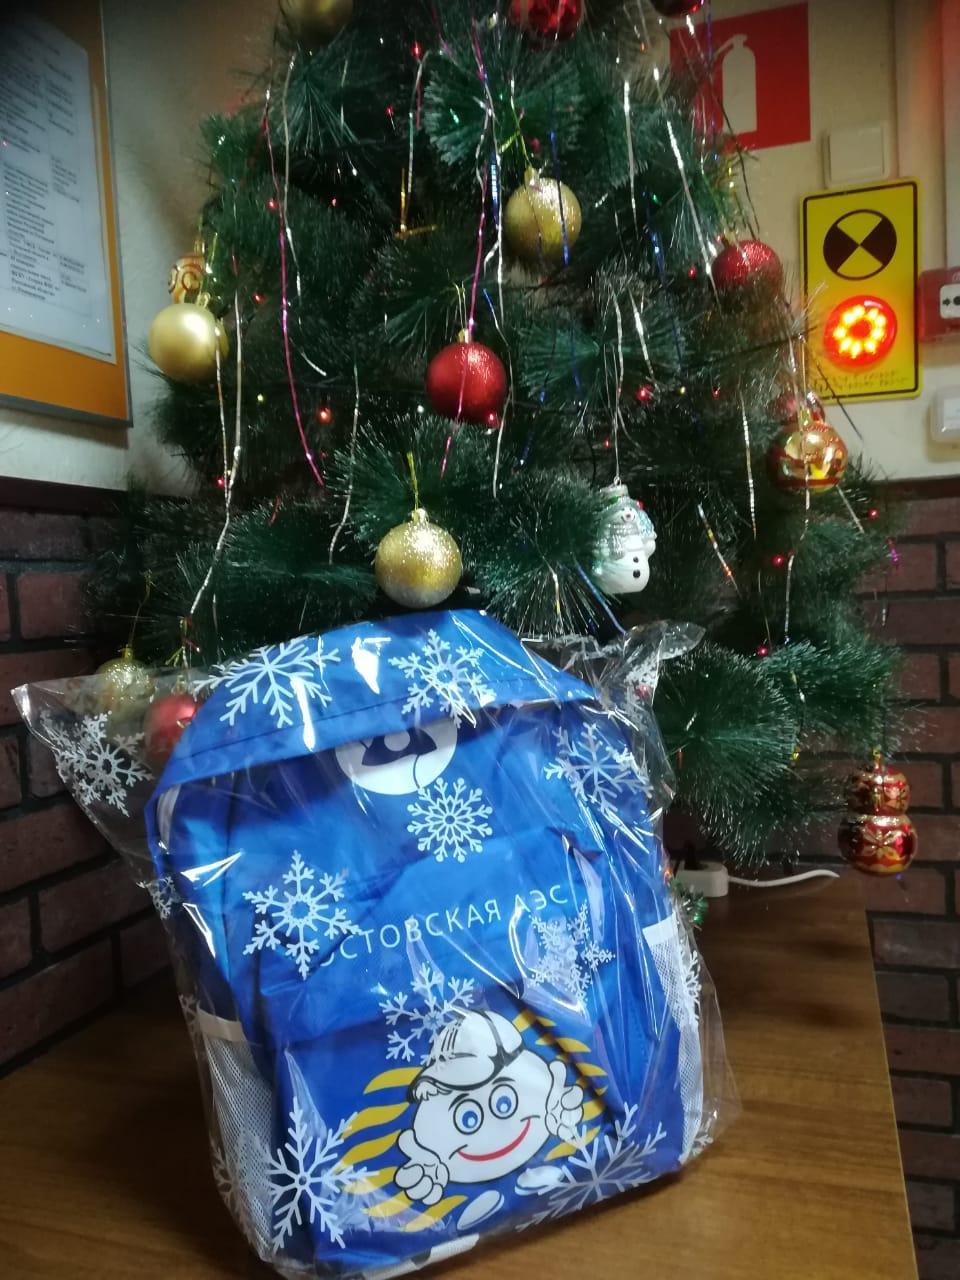 Новогодние подарки от атомщиков переданы детям-инвалидам из малообеспеченных семей Волгодонского района